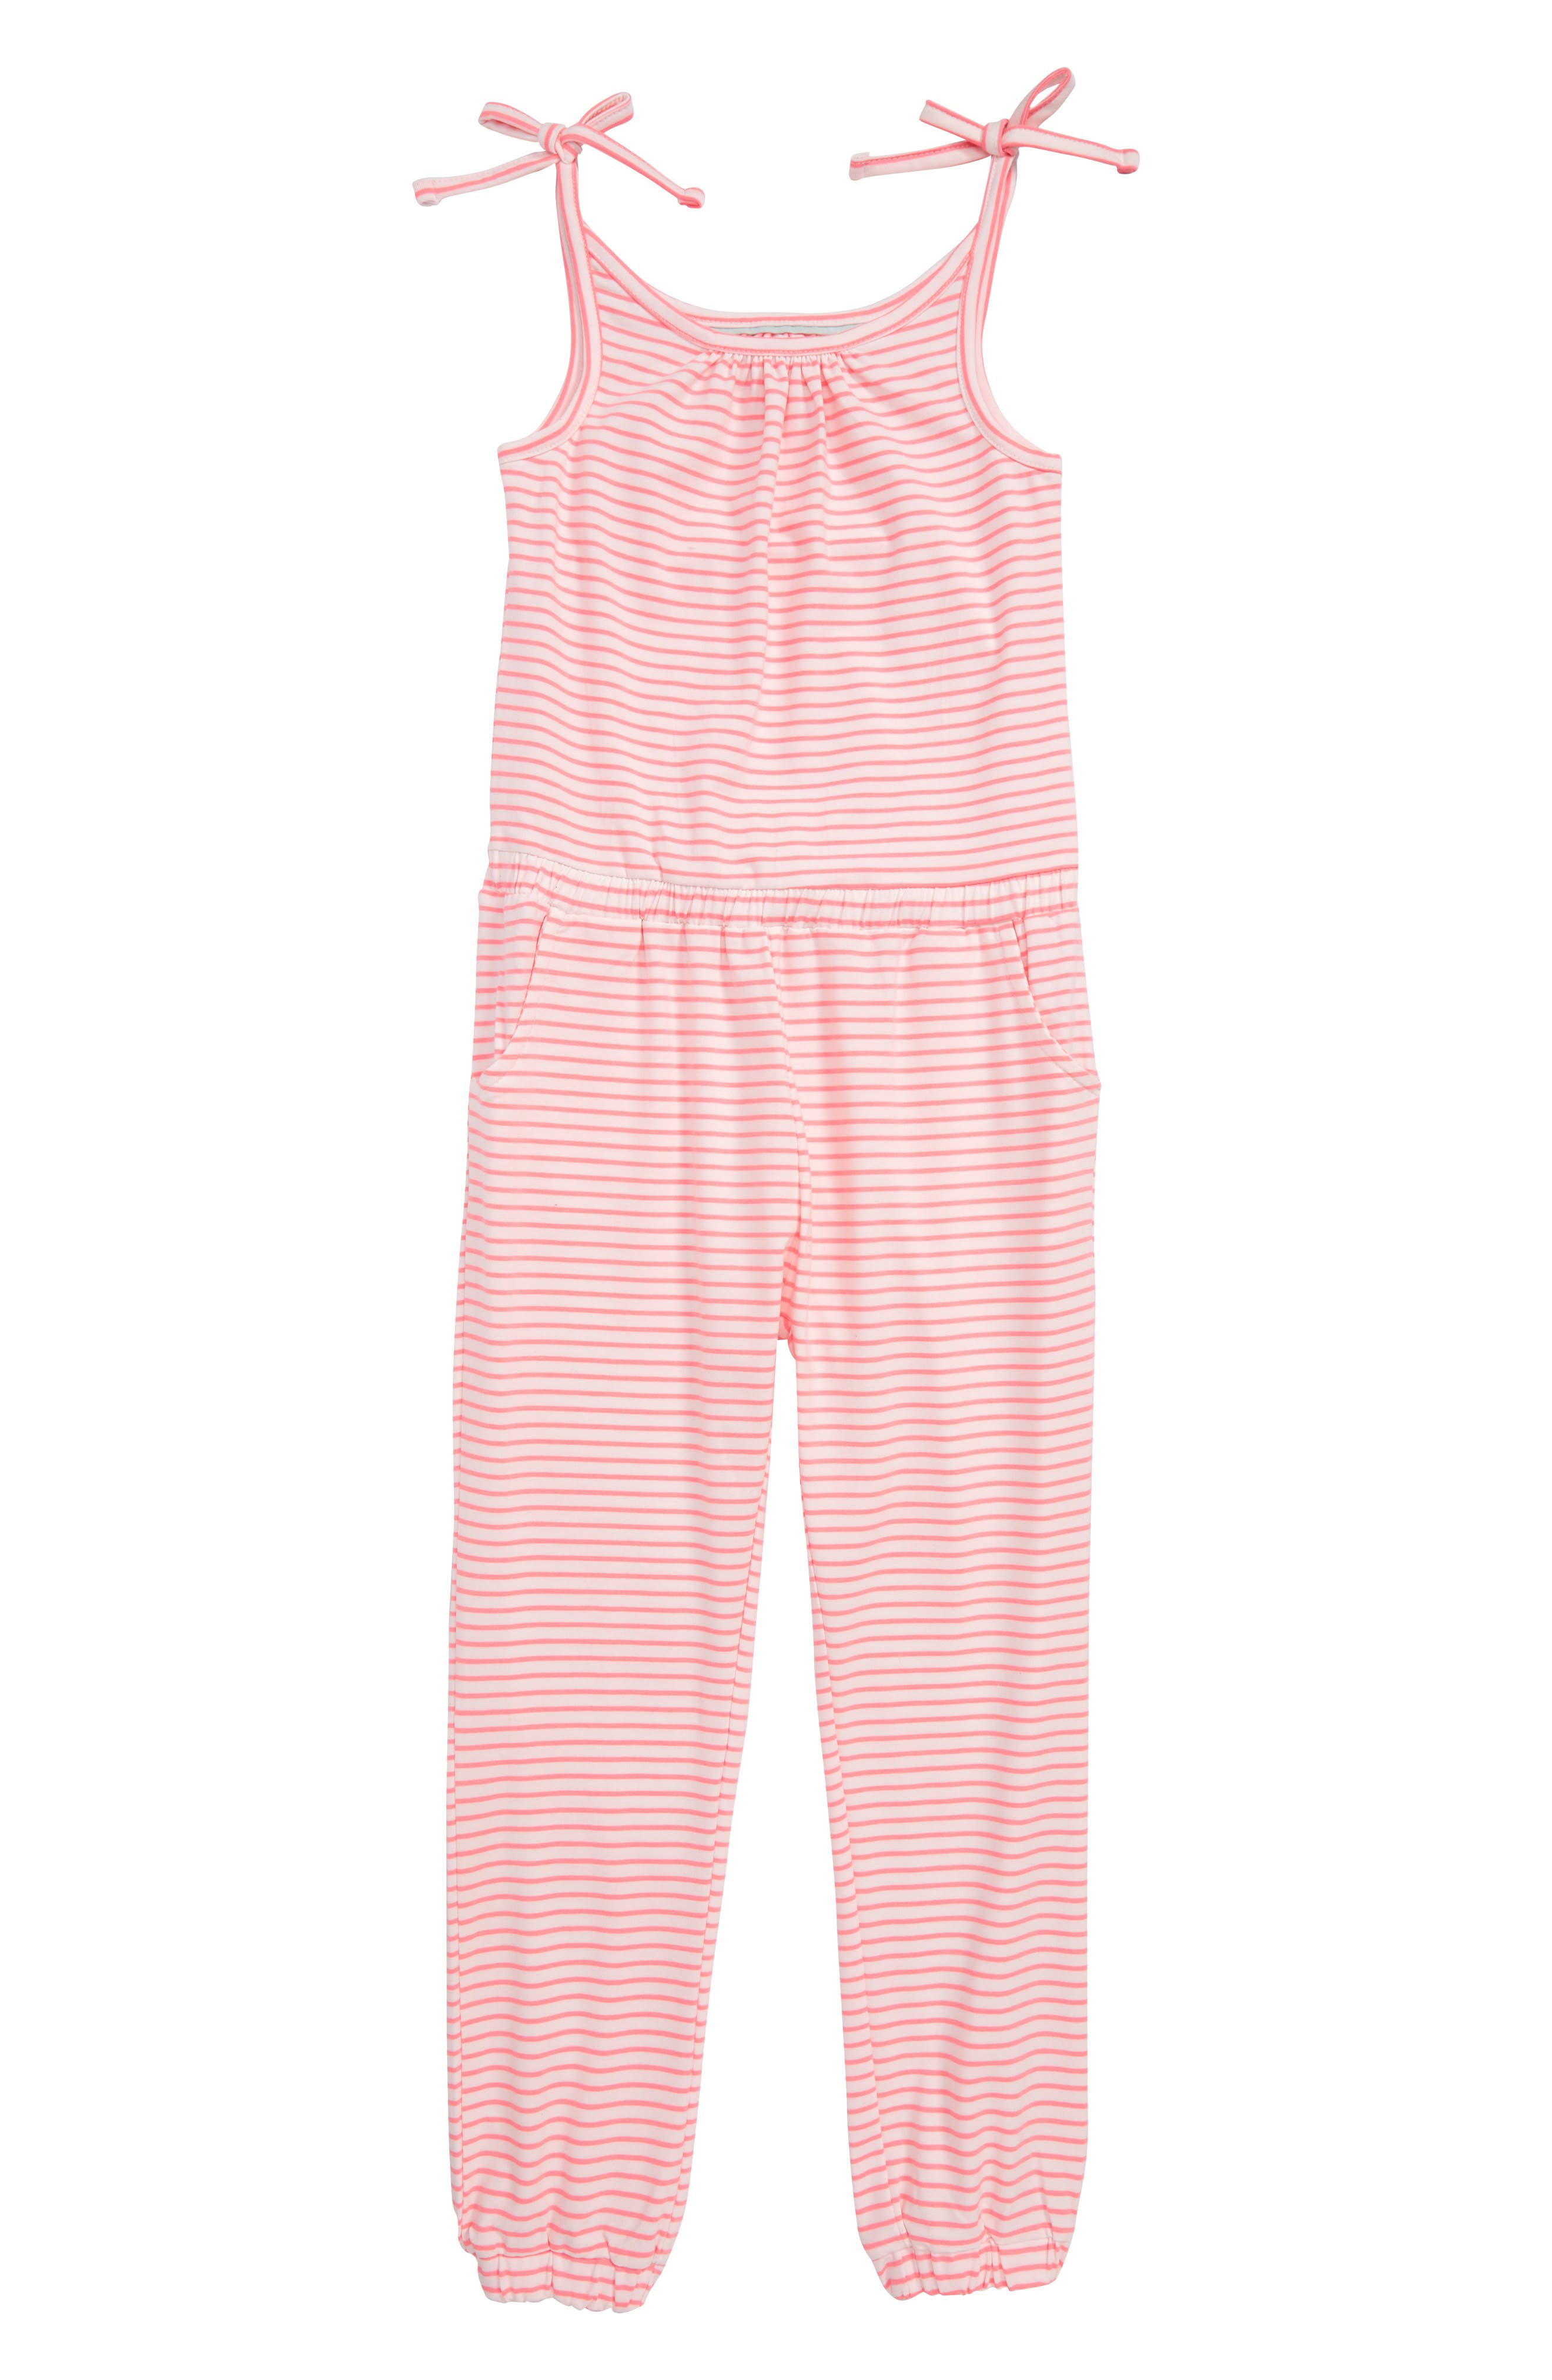 Jersey Jumpsuit,                         Main,                         color, Pnkivory/ Knockout Pink Stripe